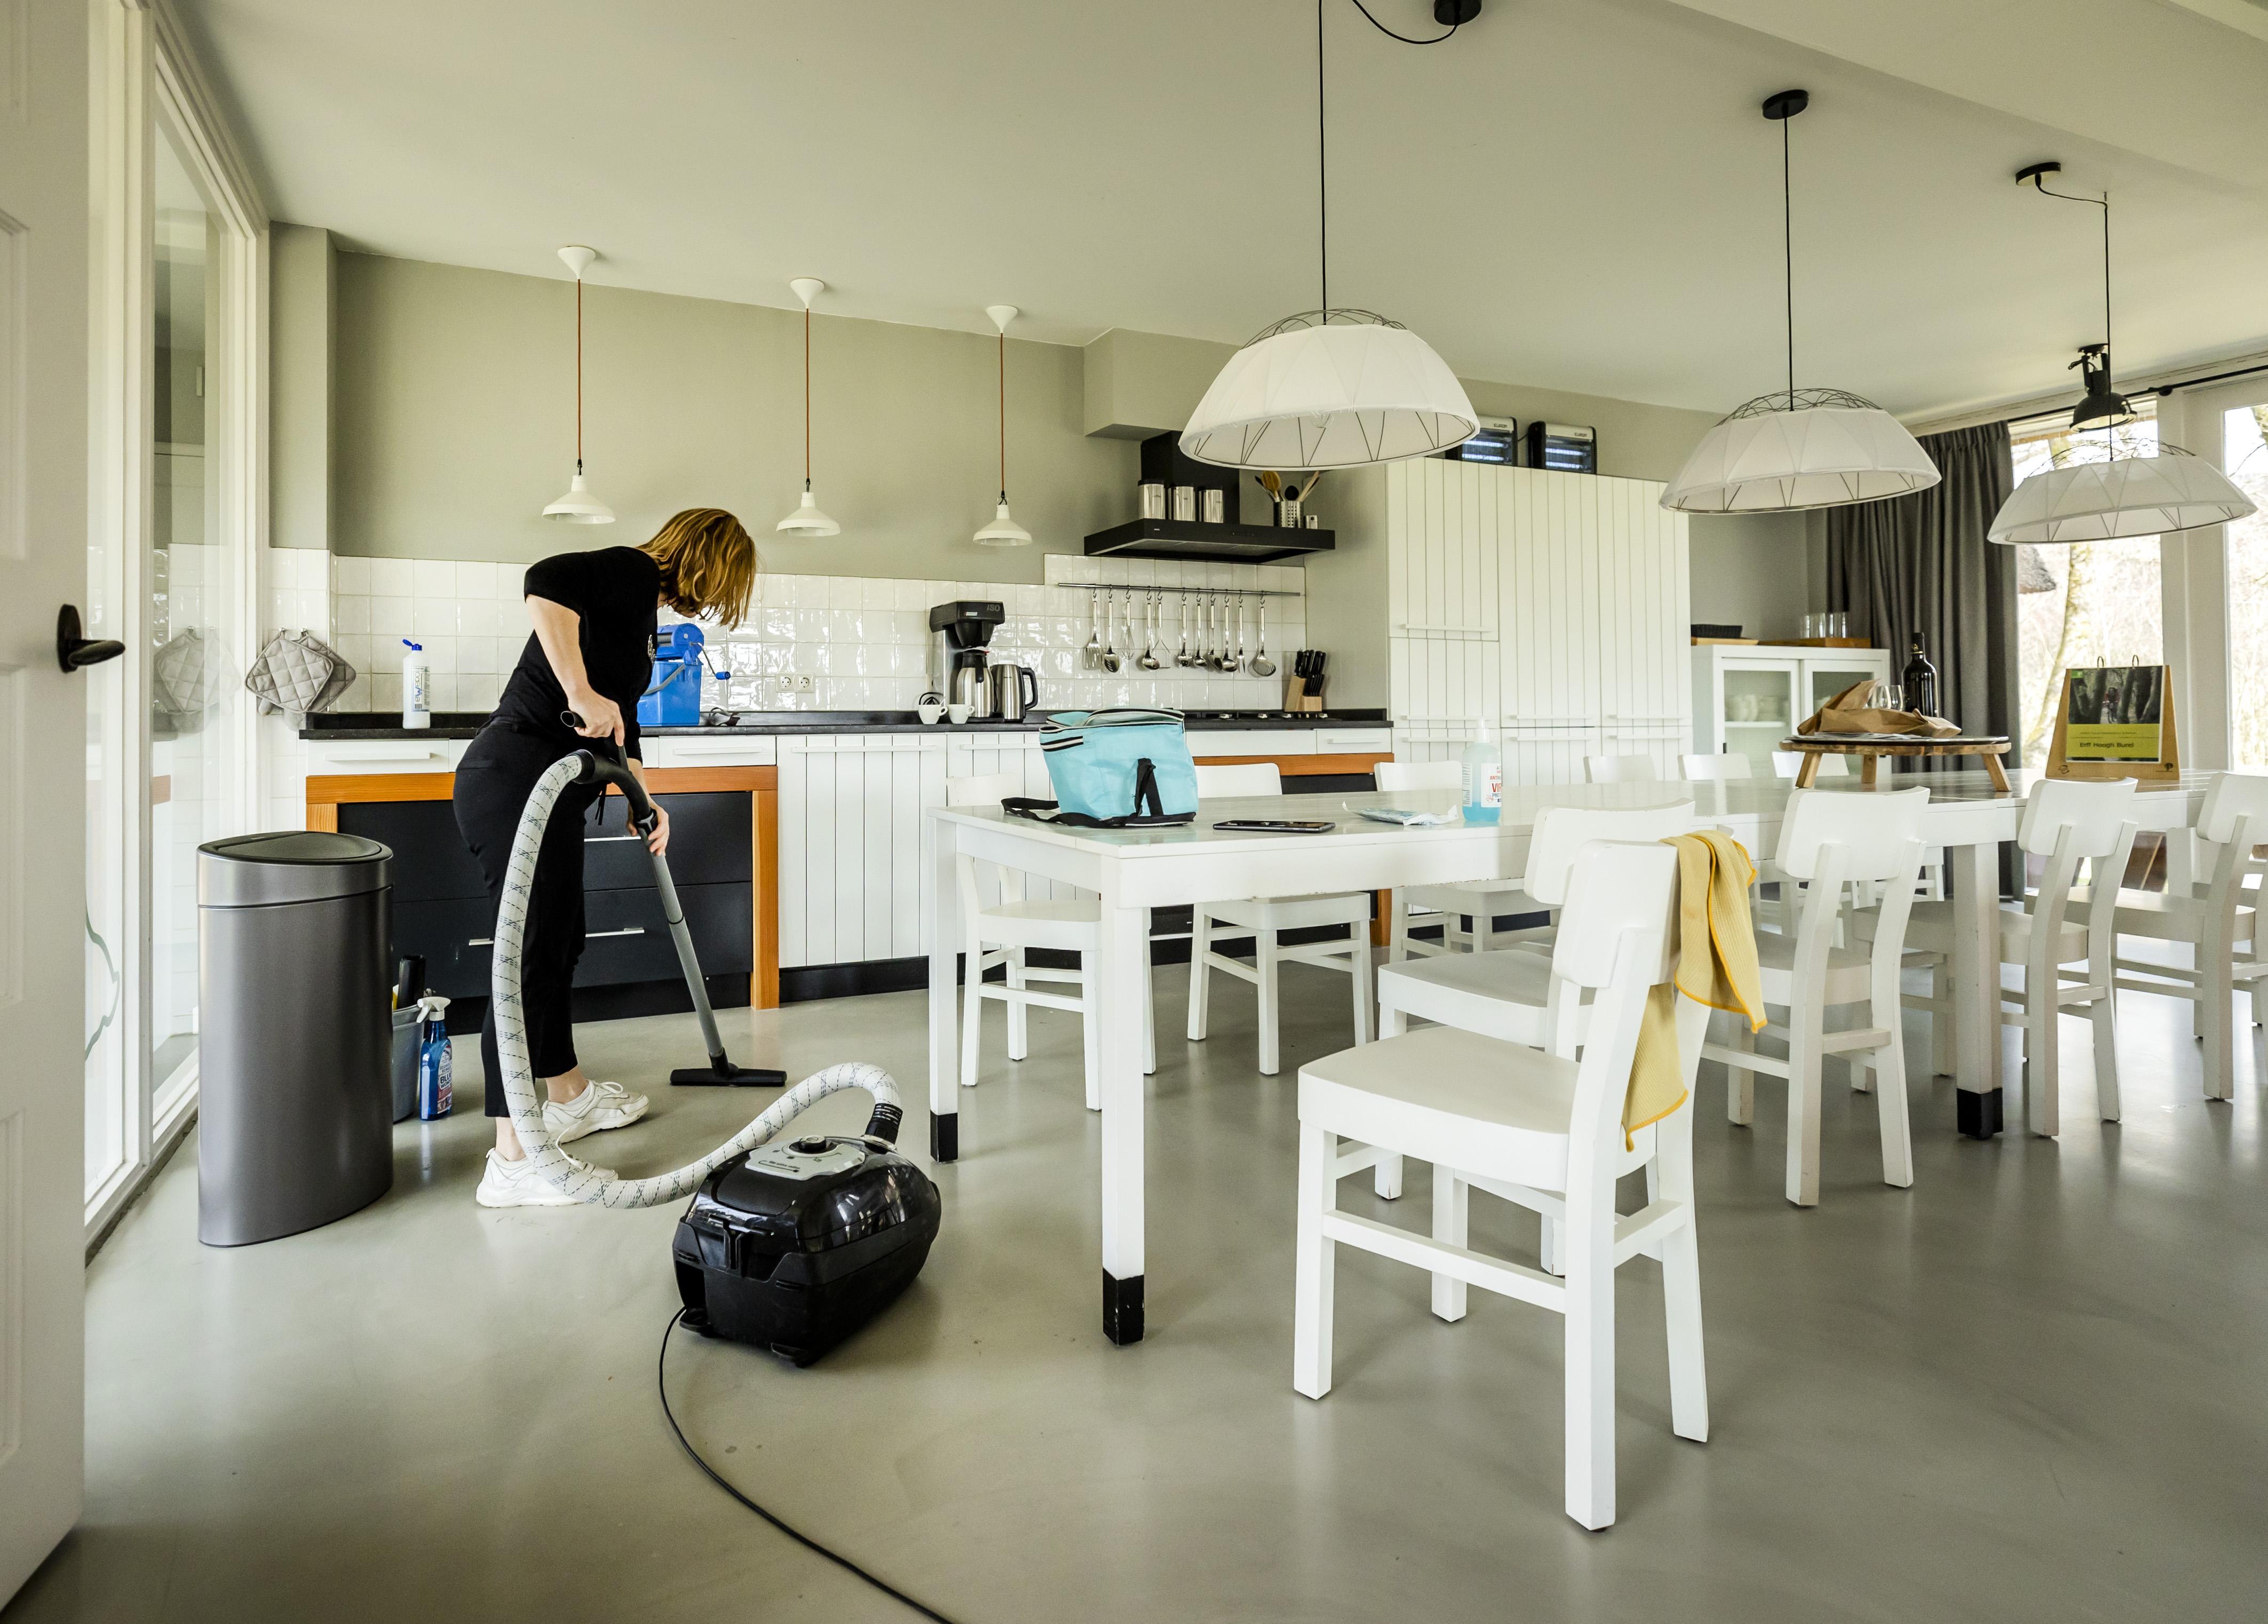 Veel mis met arbeidsomstandigheden schoonmaak in vakantieparken; Inspectie SZW onderzocht vijf vakantieparken, onder meer in Noordwijk